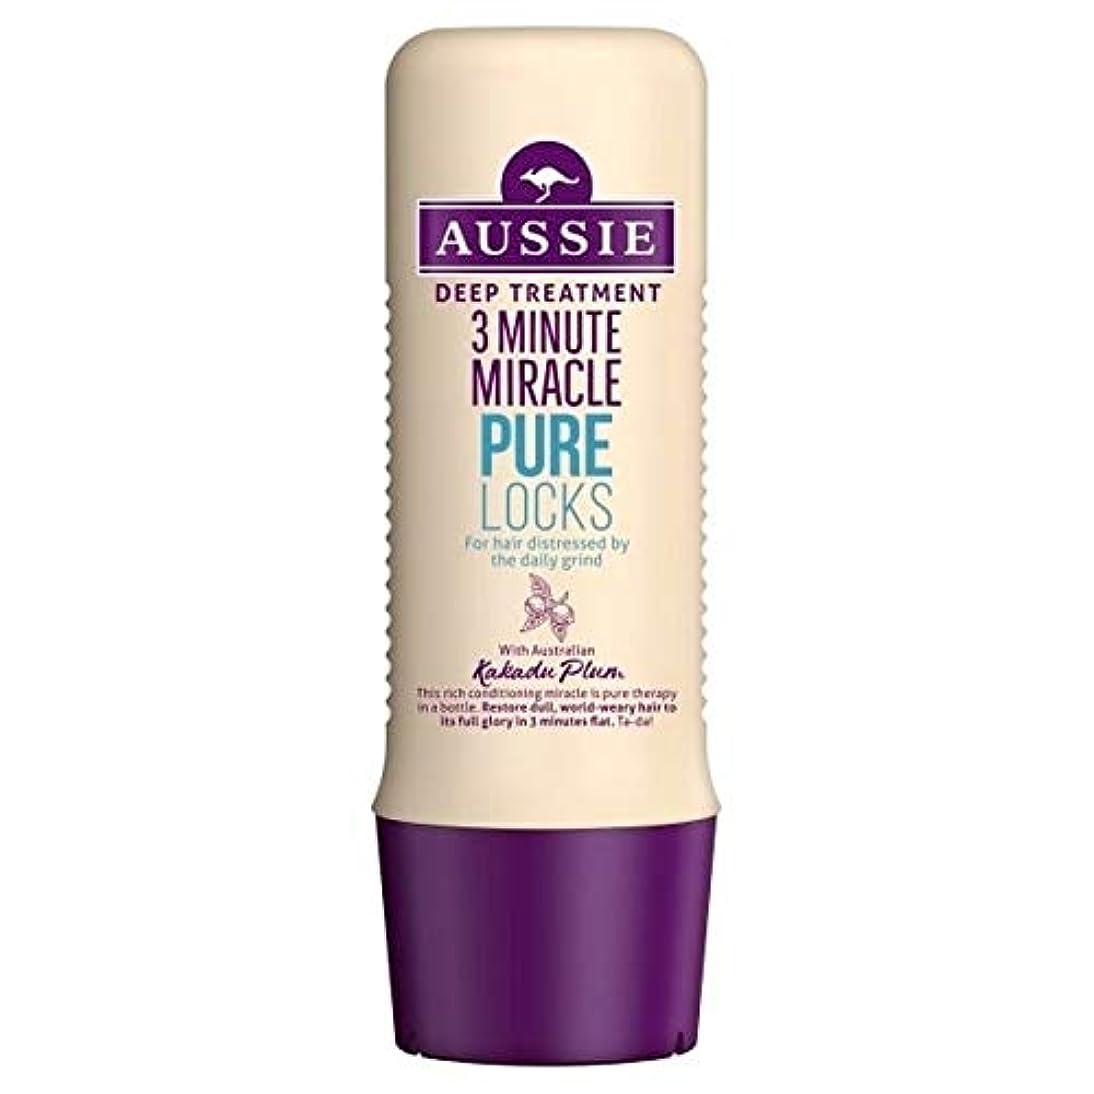 絶壁胚芽実質的[Aussie ] オーストラリアの純粋なロック3分の奇跡の250ミリリットル - Aussie Pure Locks 3 Minute Miracle 250ml [並行輸入品]